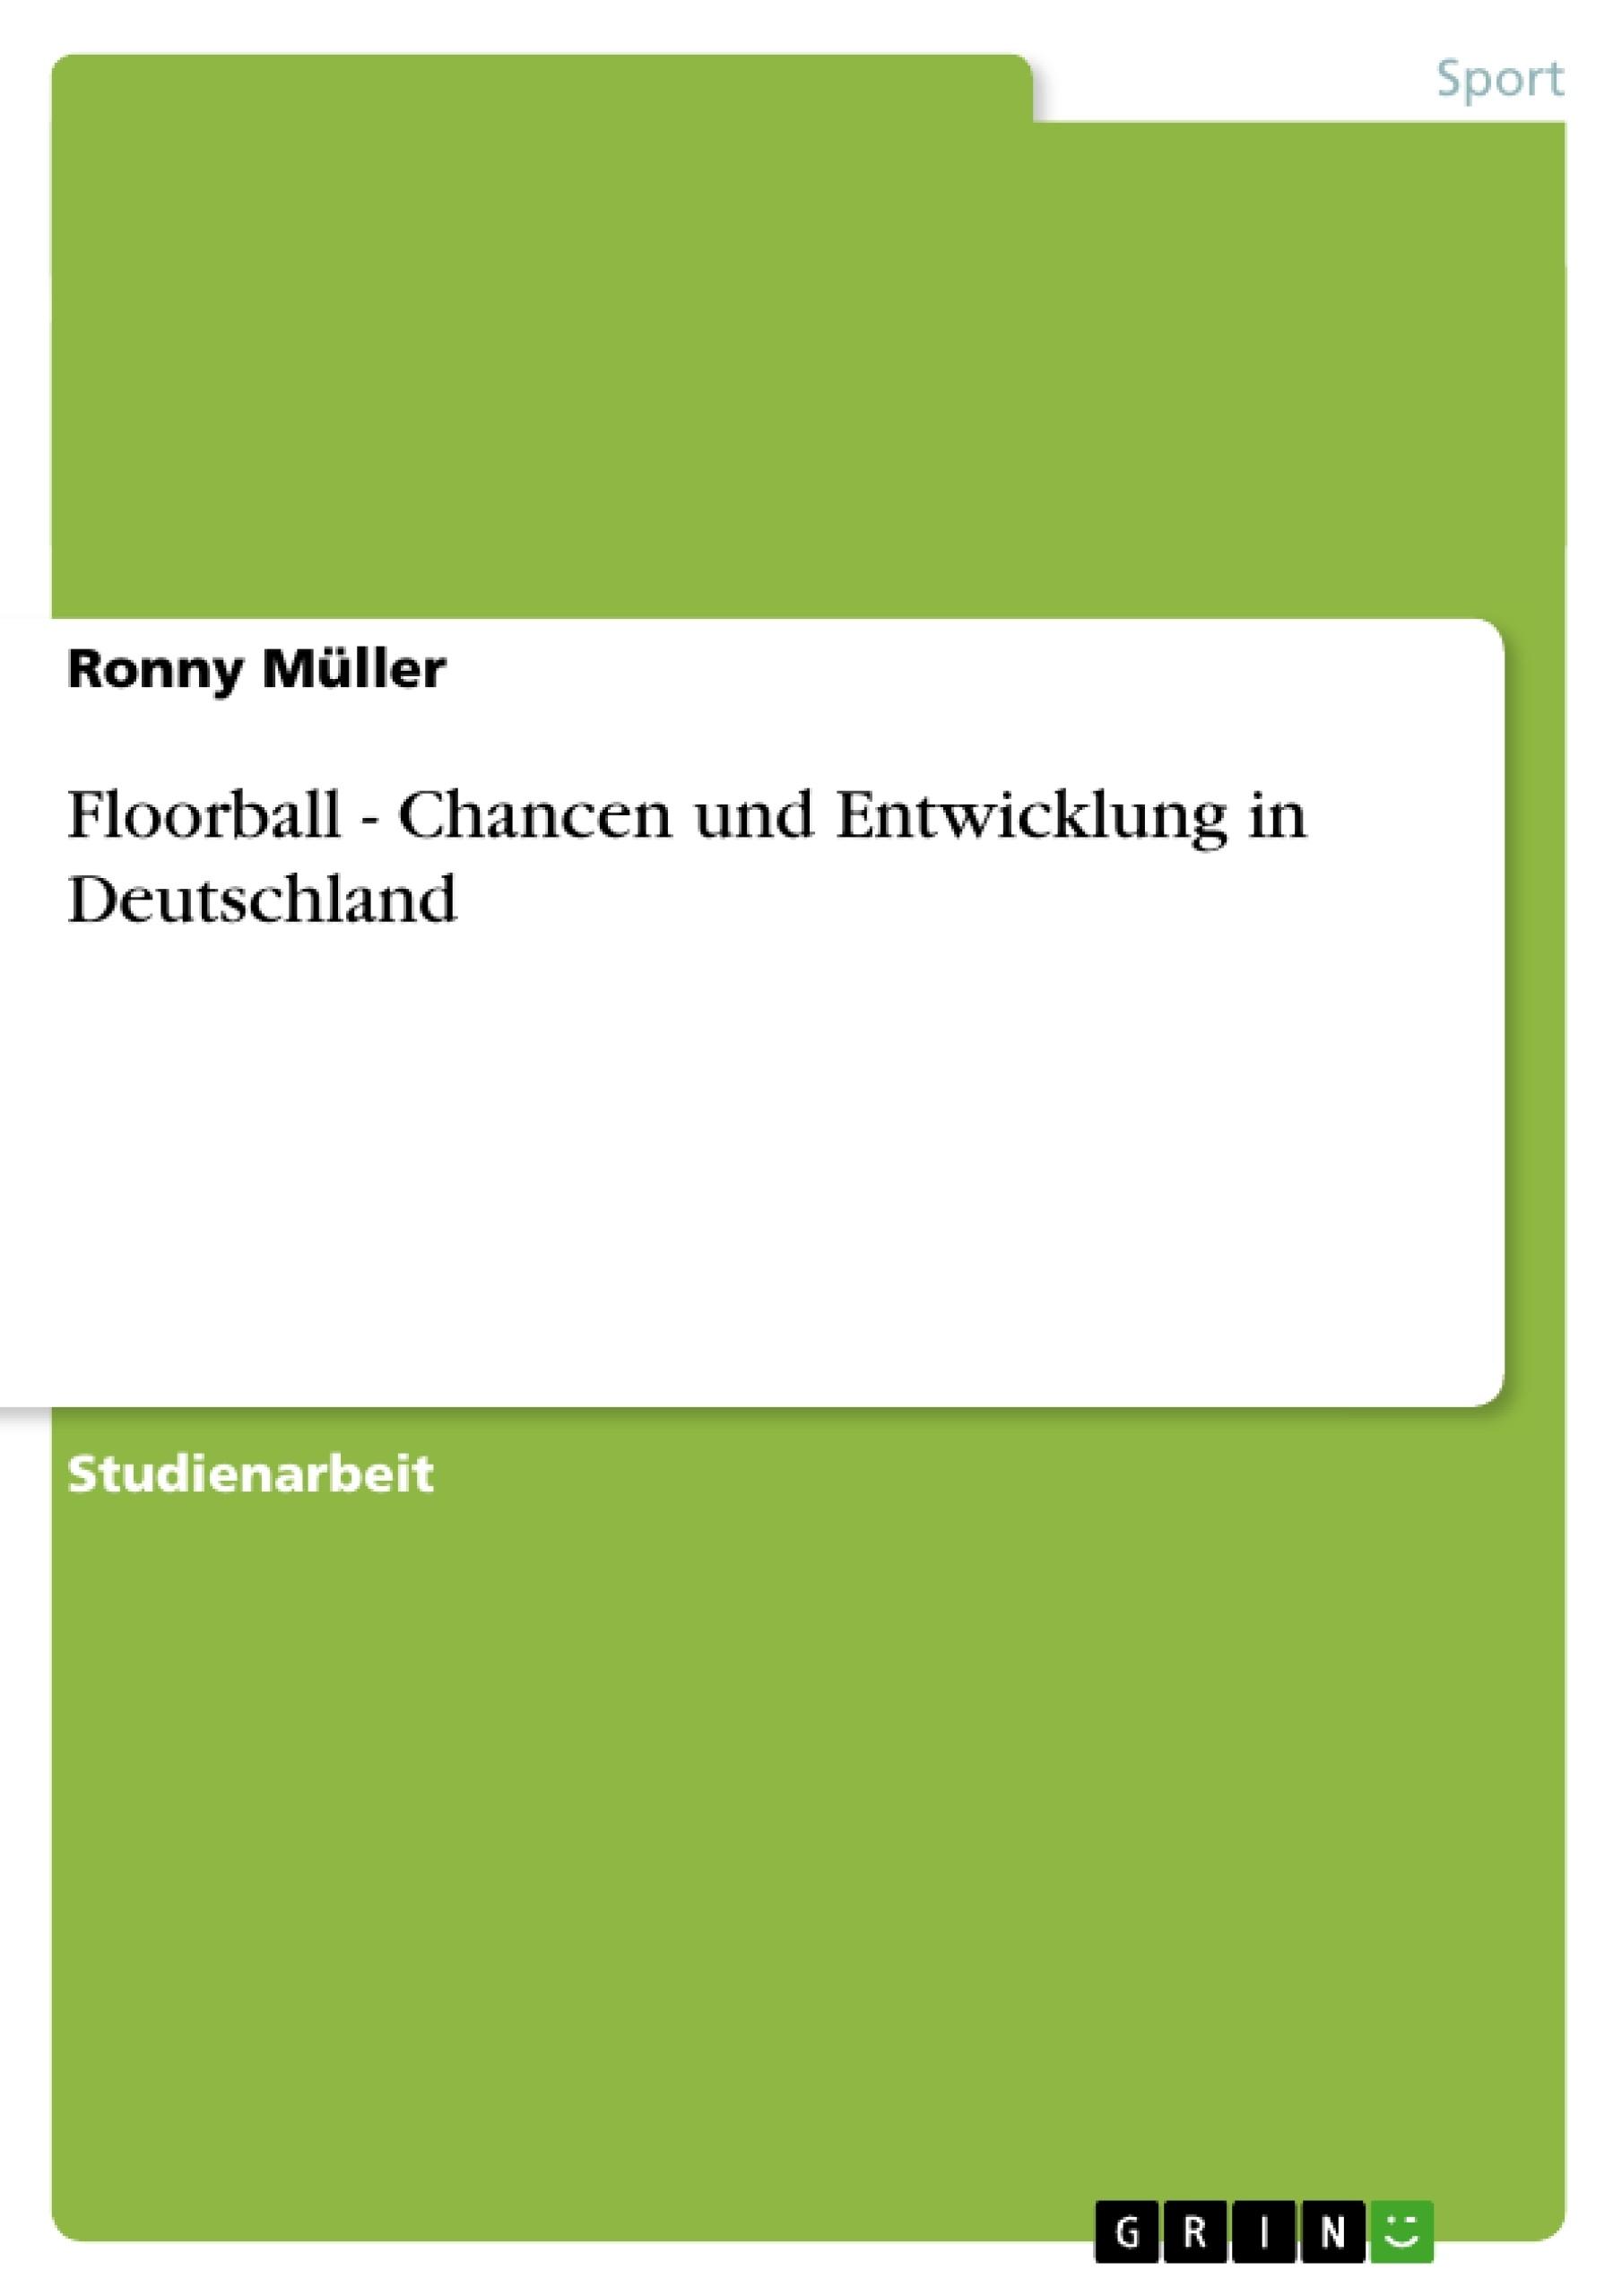 Titel: Floorball - Chancen und Entwicklung in Deutschland